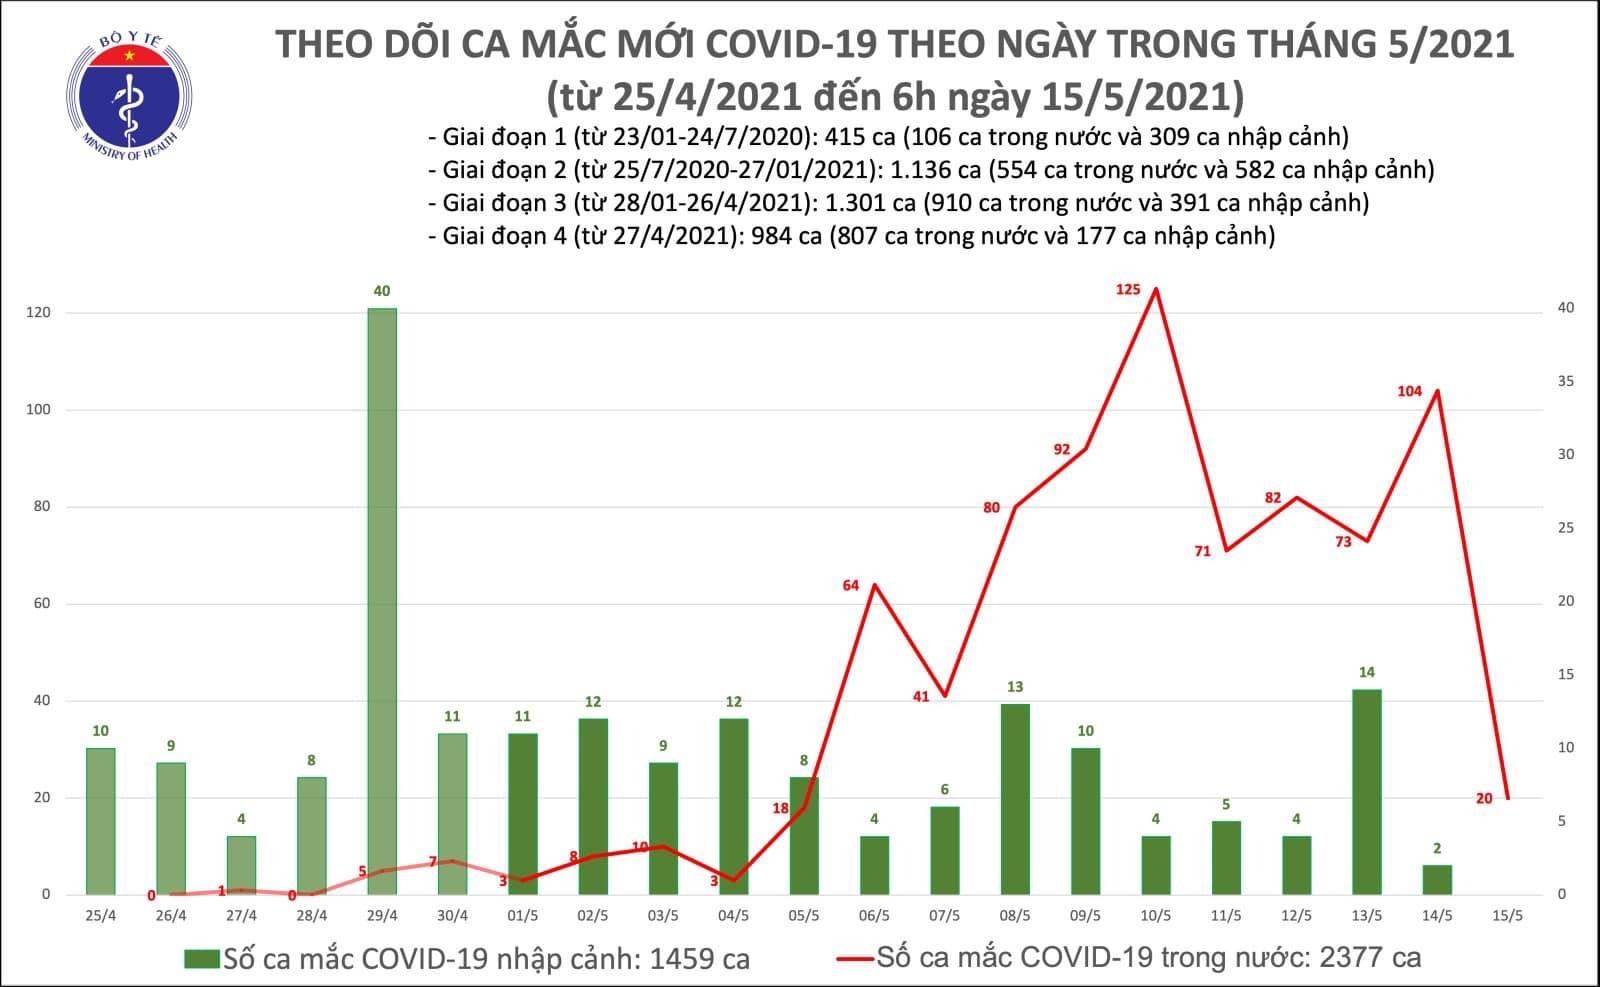 Diễn biến dịch Covid-19 sáng ngày 15/5: số ca mắc đang giảm - Ảnh 2.